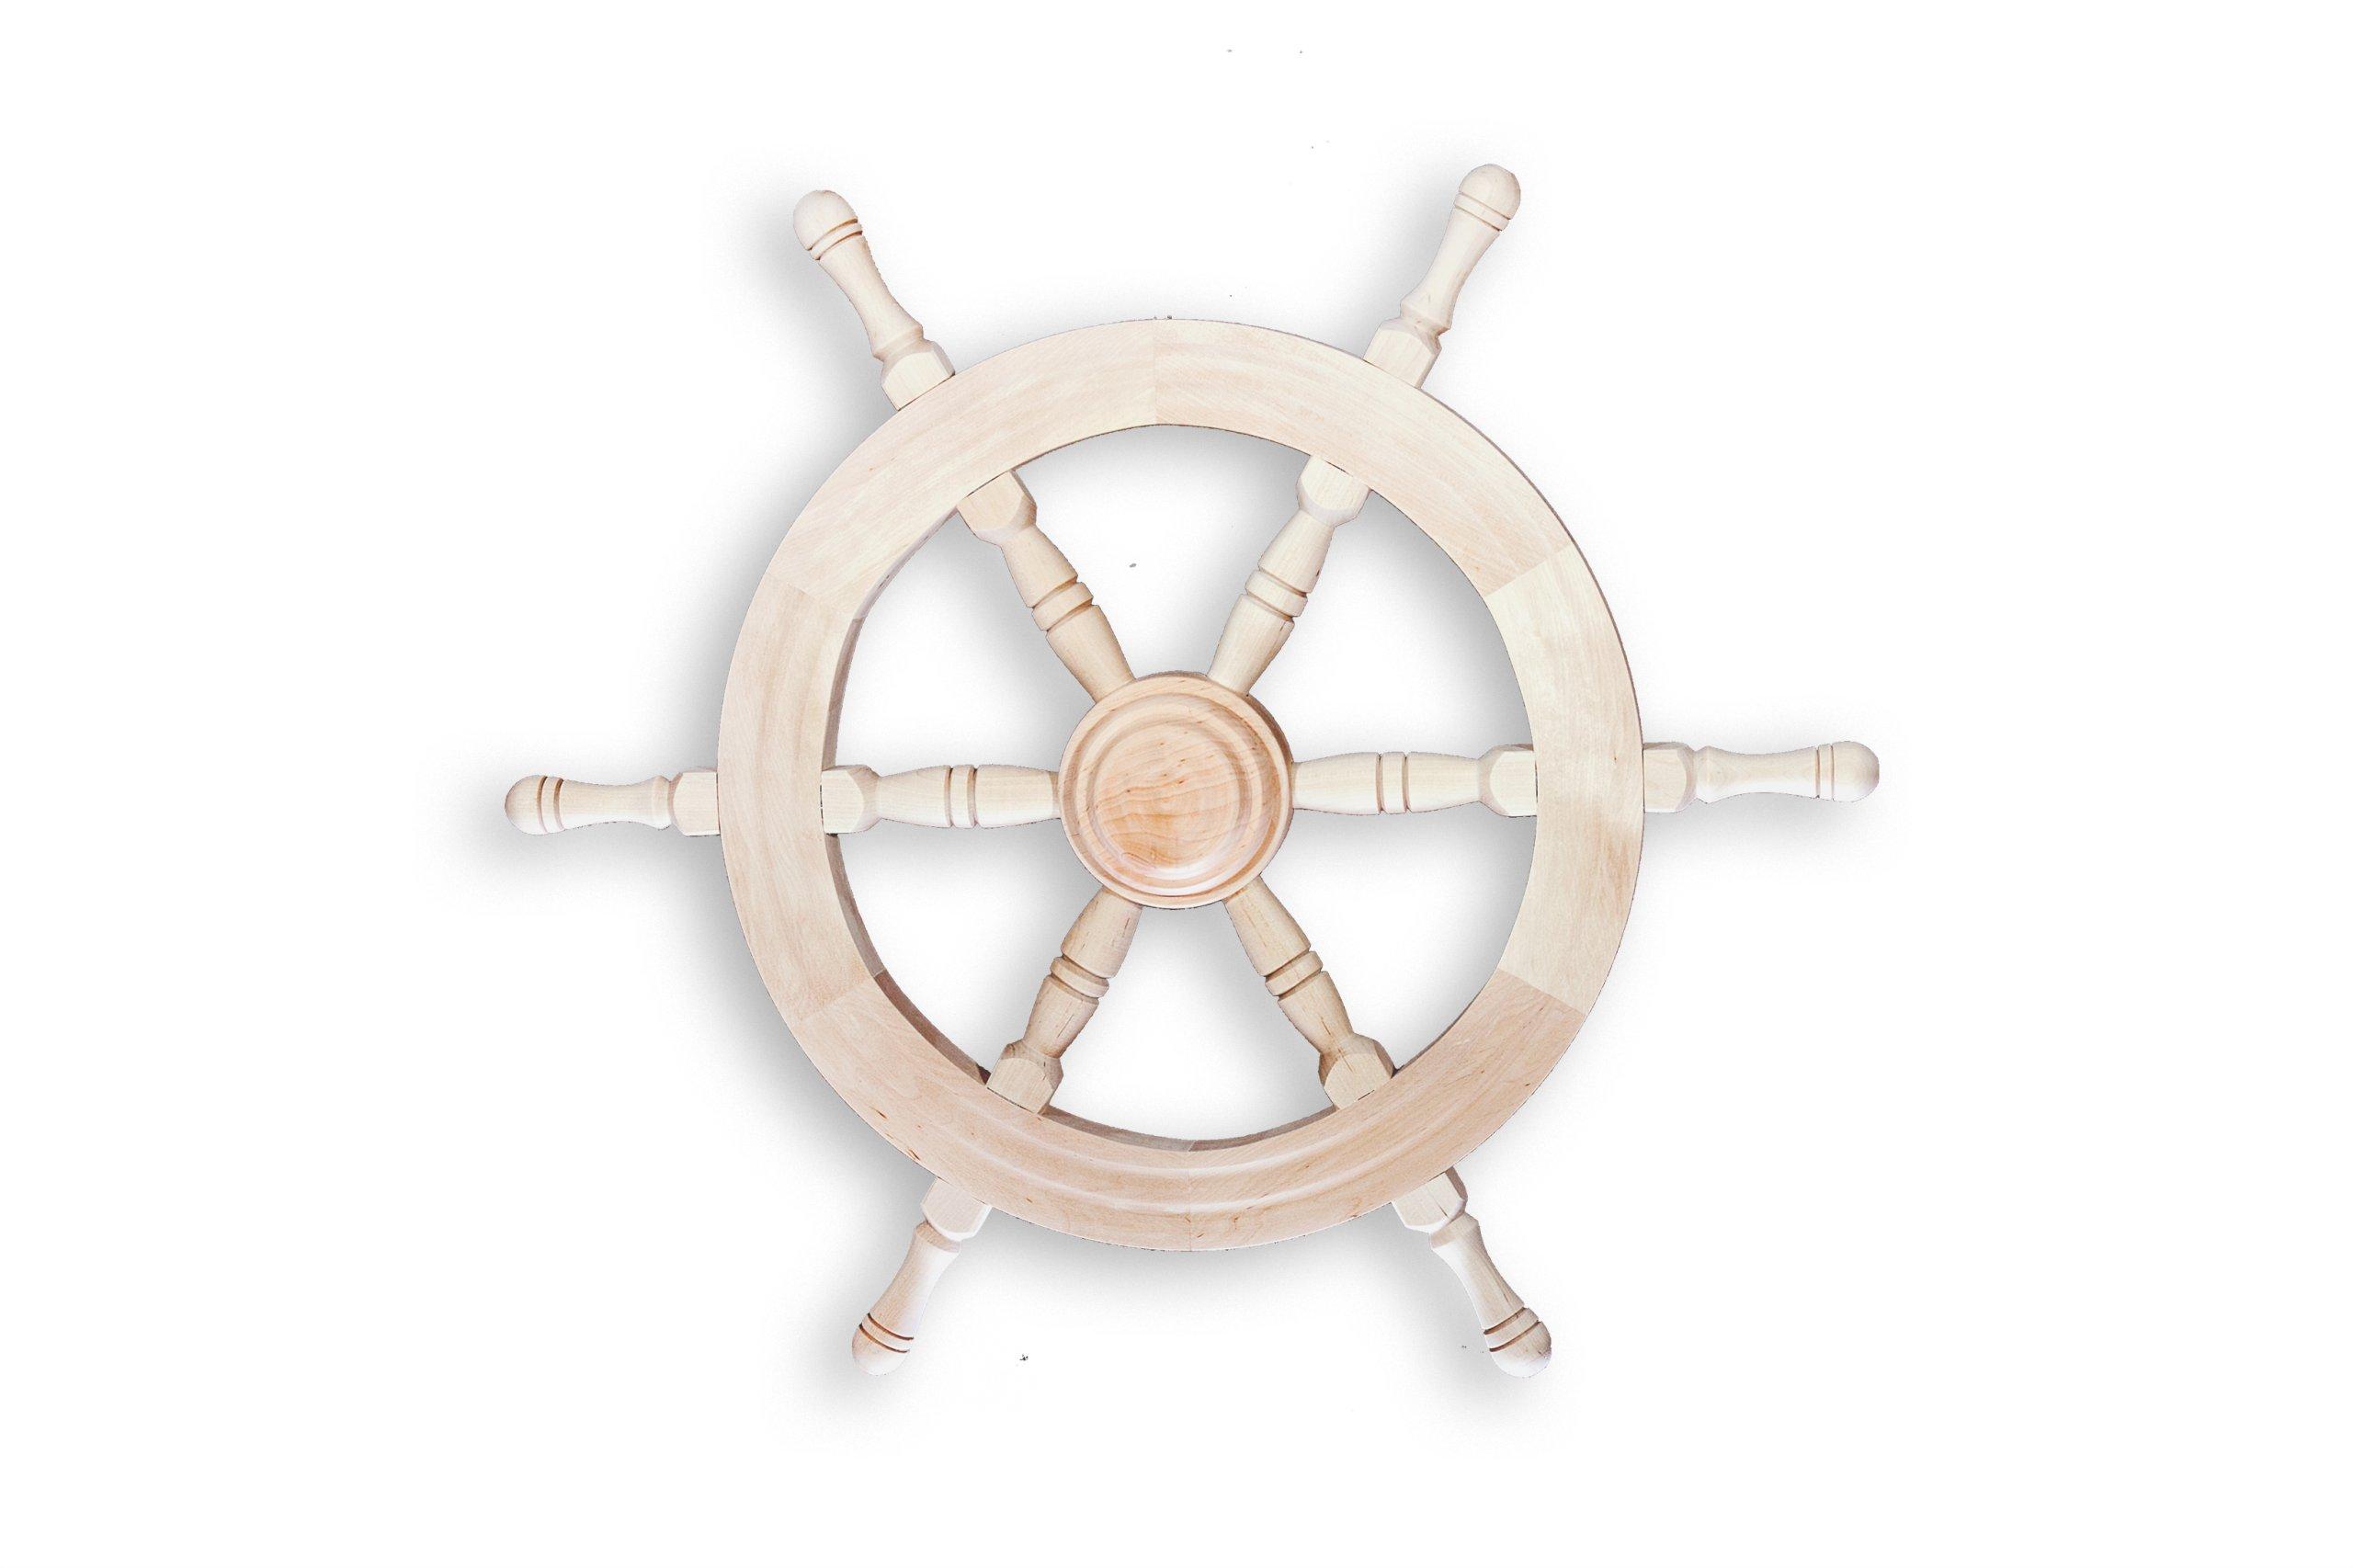 Kormidle námorných lodí dekoratívne !!! 60 cm !!